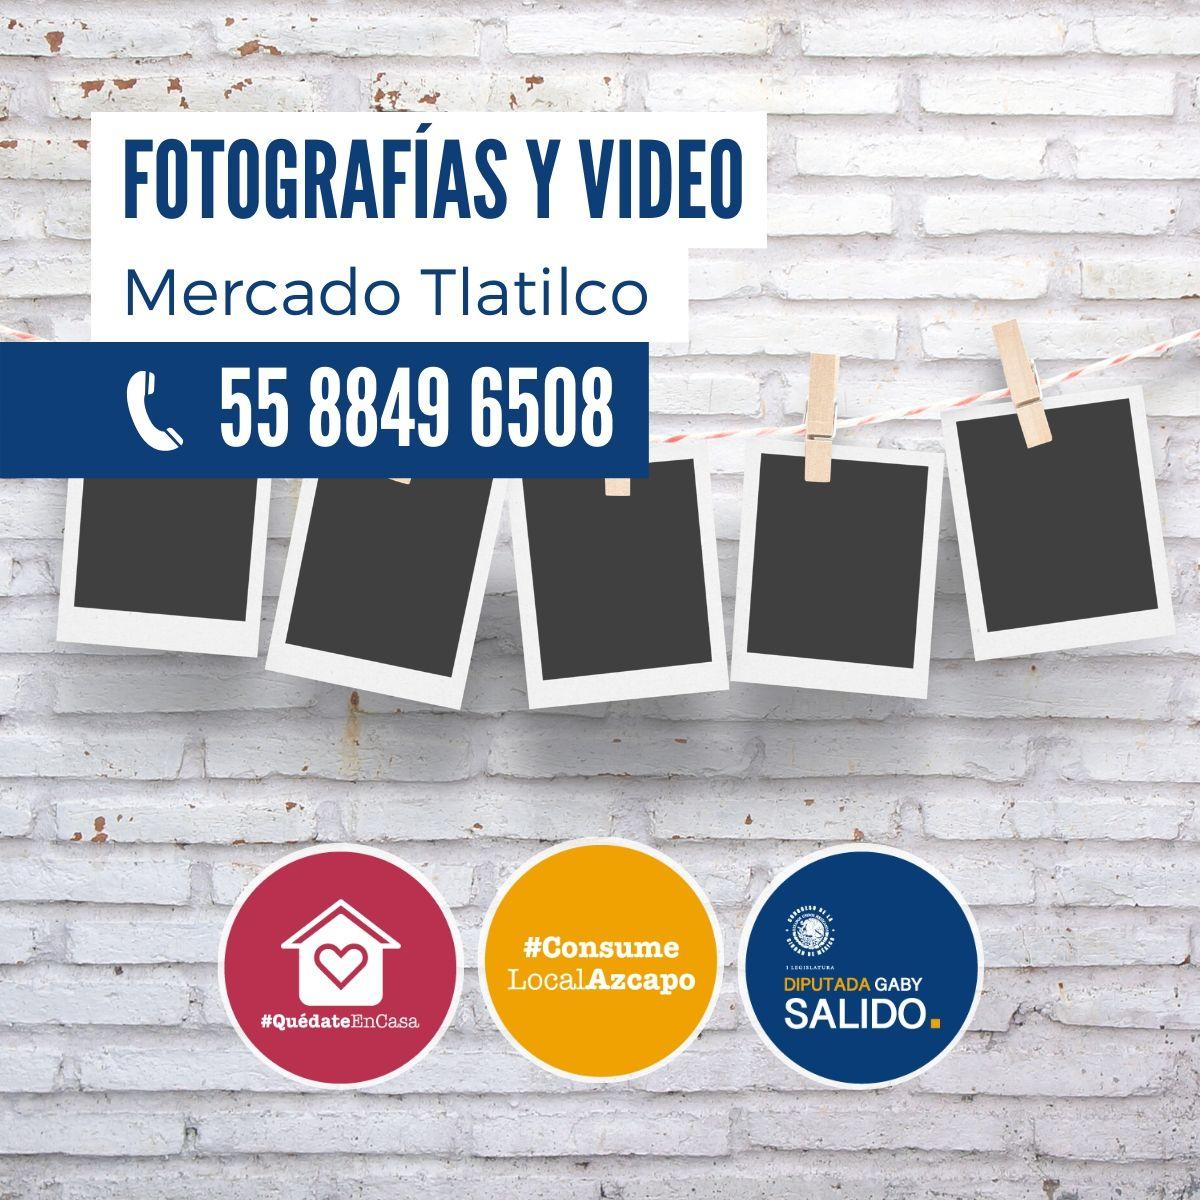 """Fotografías y video """"Pedro Rosas"""""""